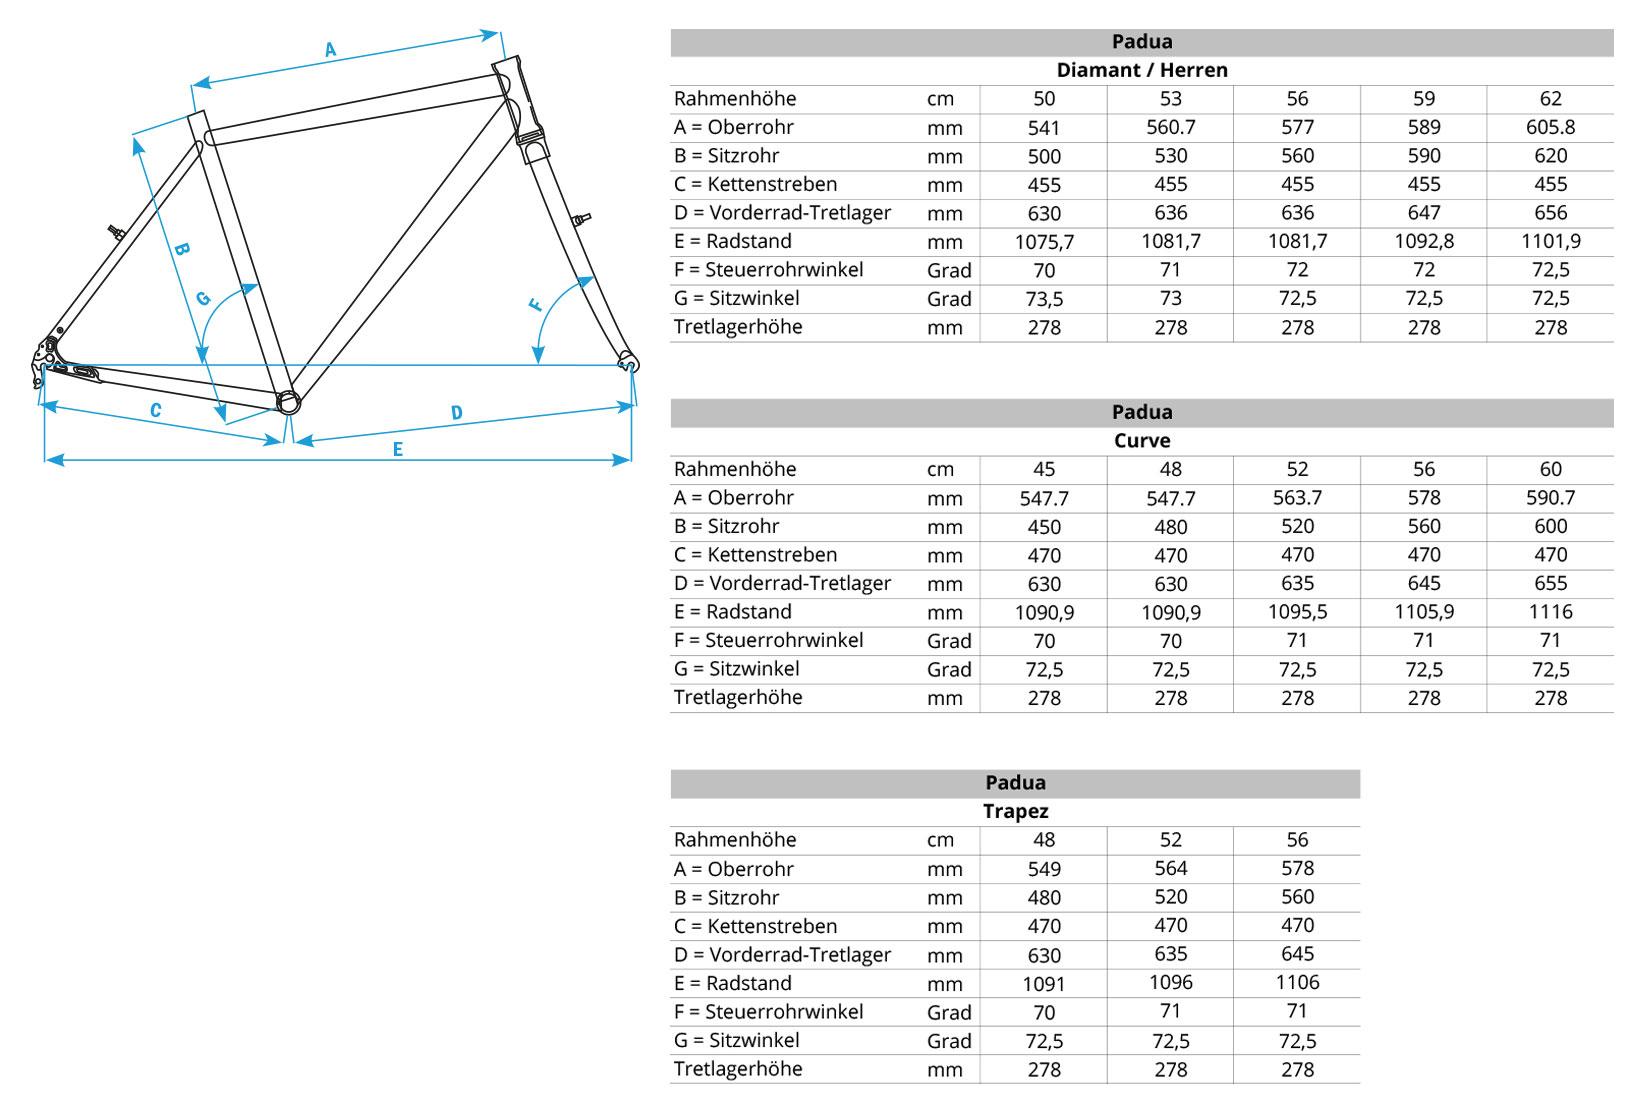 Geometriedaten Padua